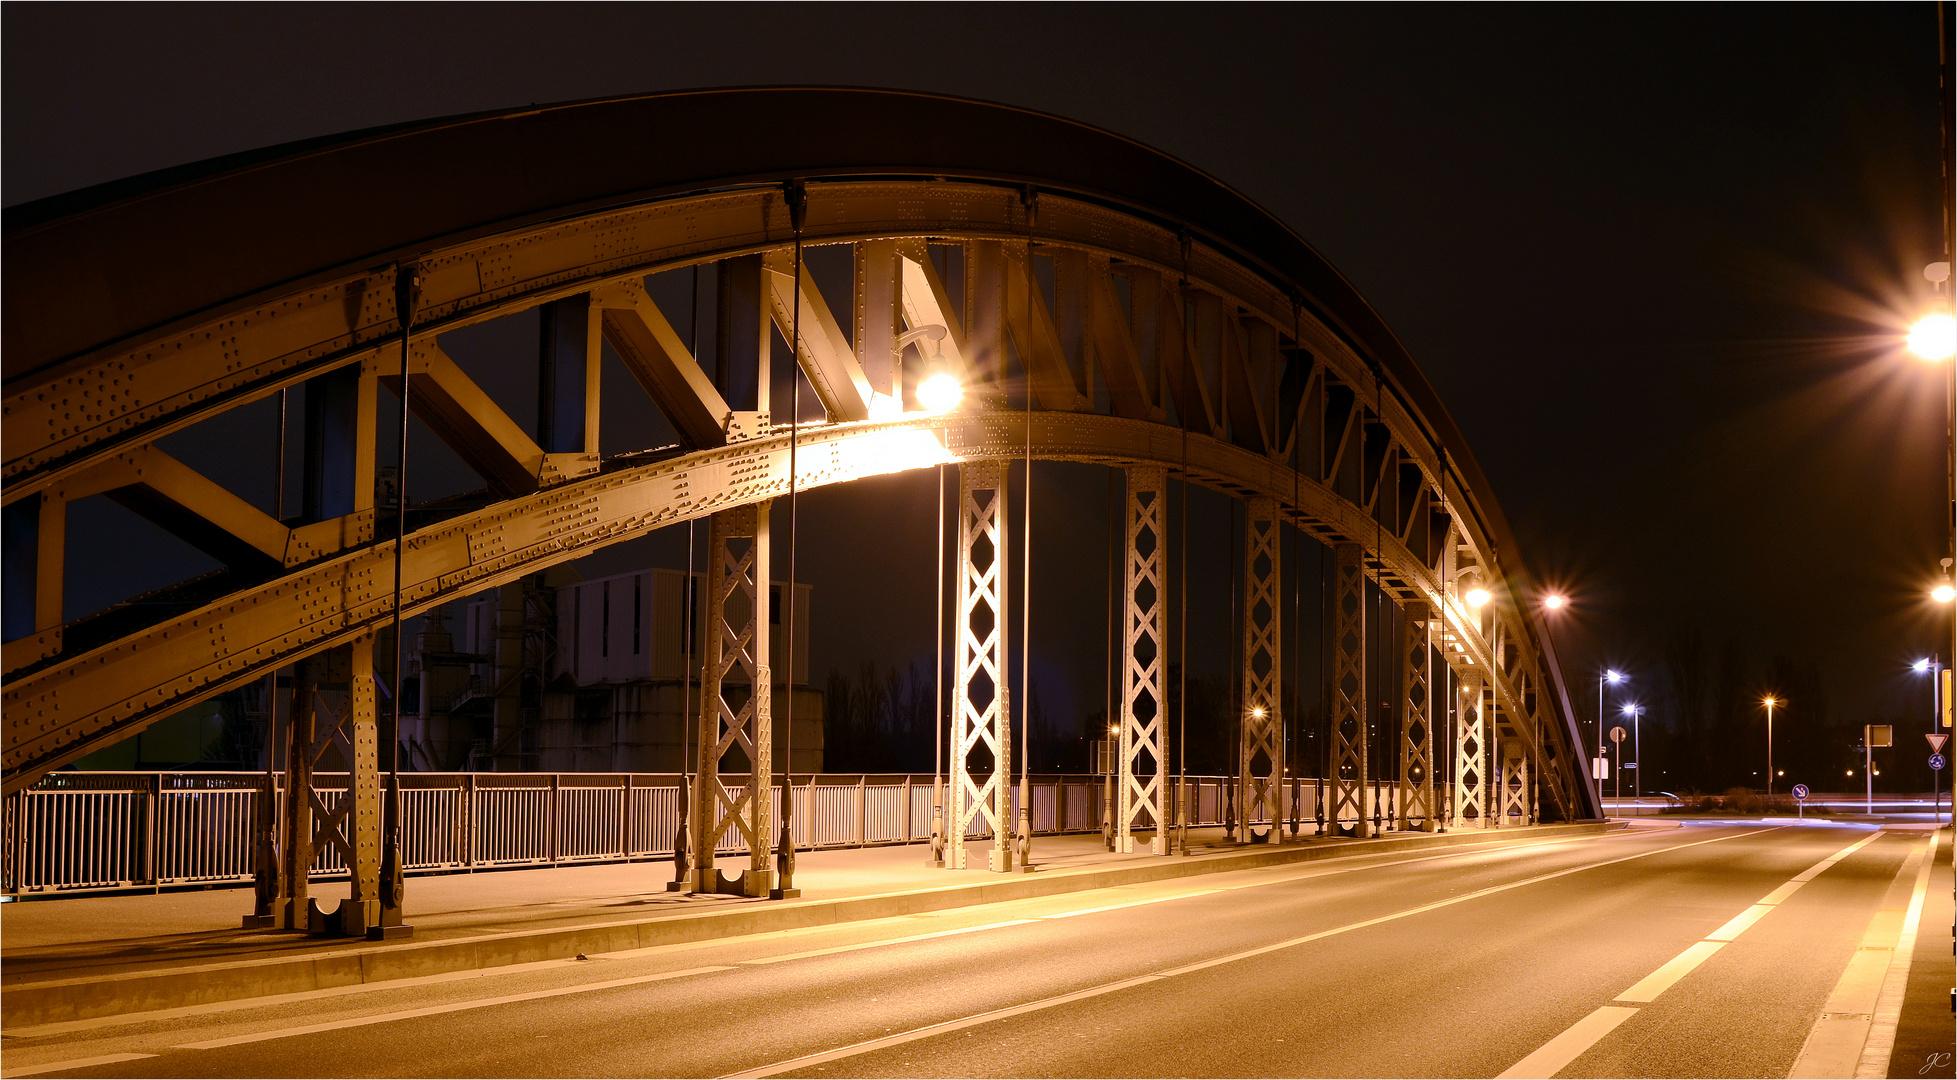 Honsellbrücke